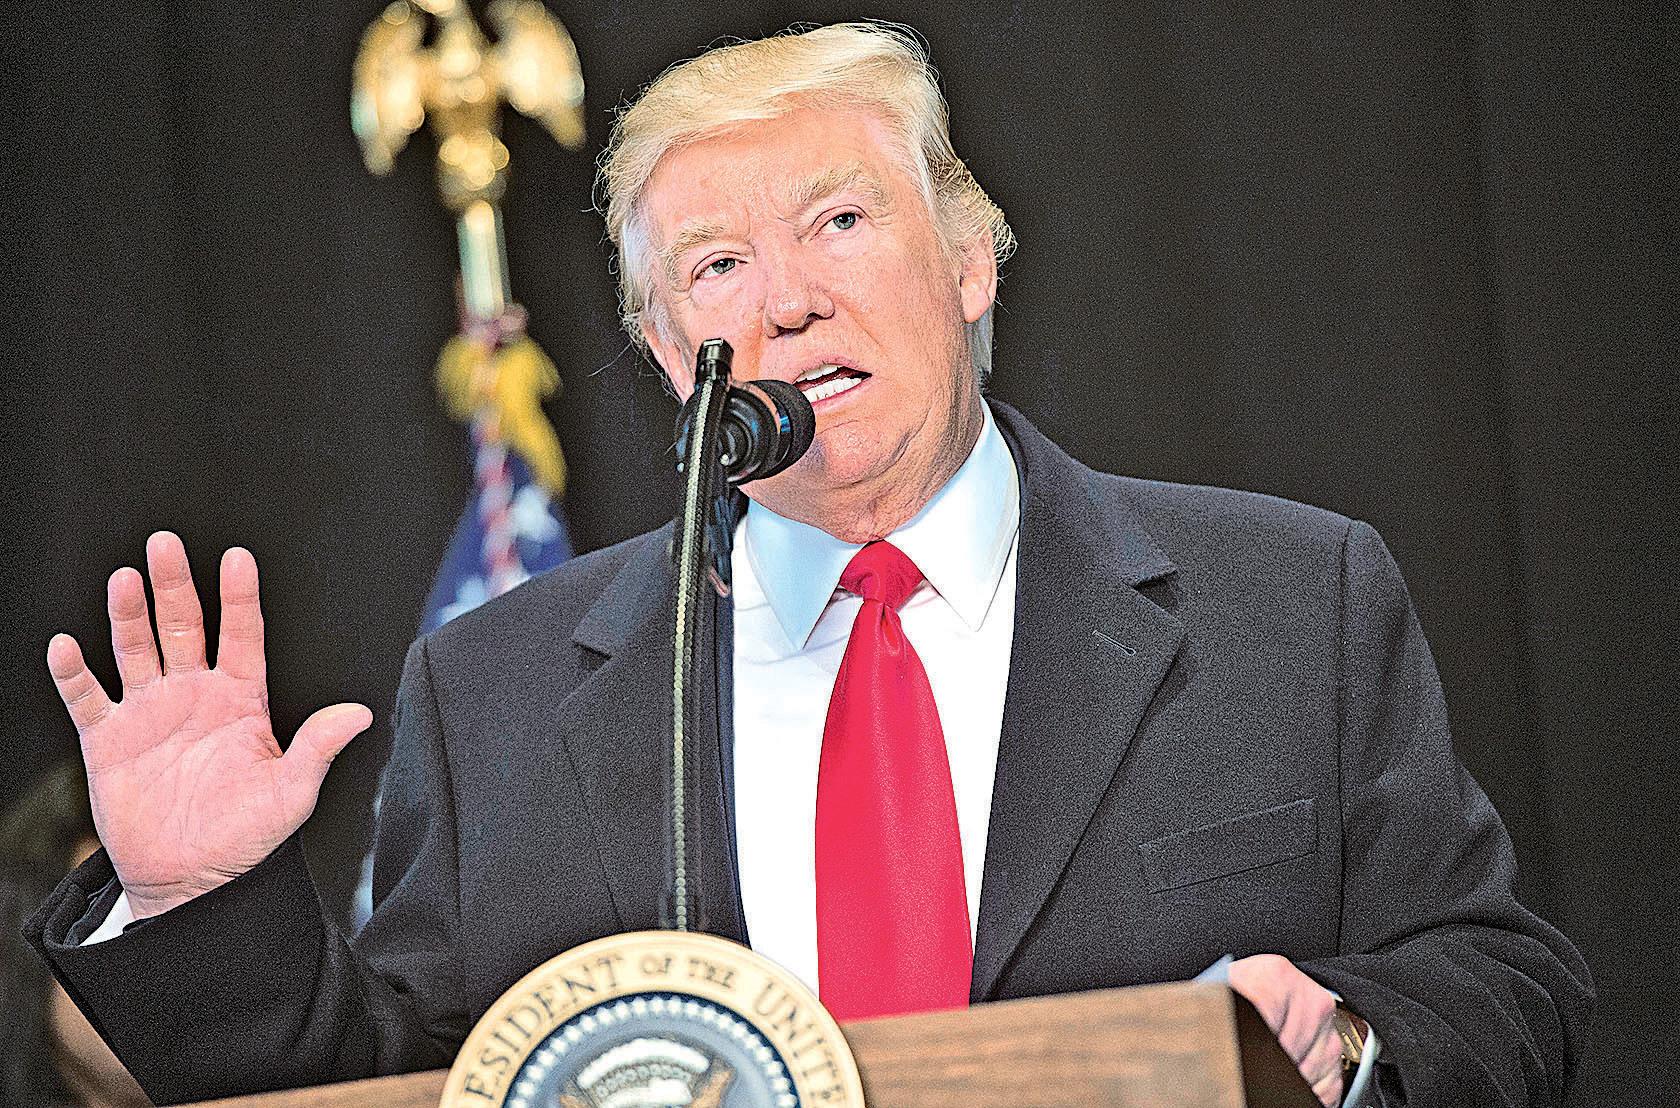 特朗普的移民政策引發廣泛爭議。圖為他在參觀非裔美國歷史和文化博物館發表講話,批評對猶太社區的攻擊。(AFP)